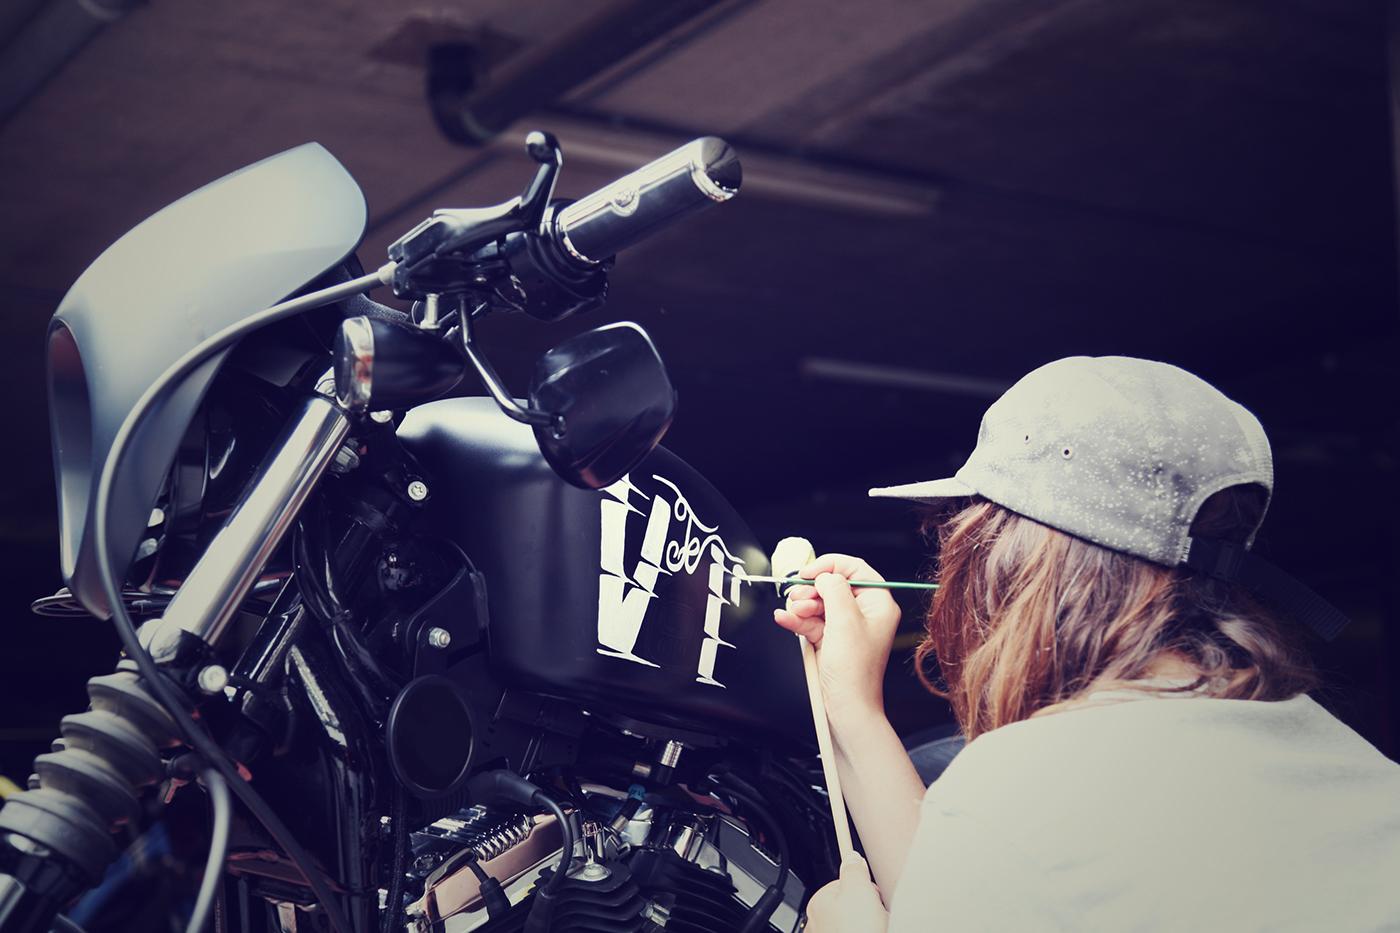 Pintar moto